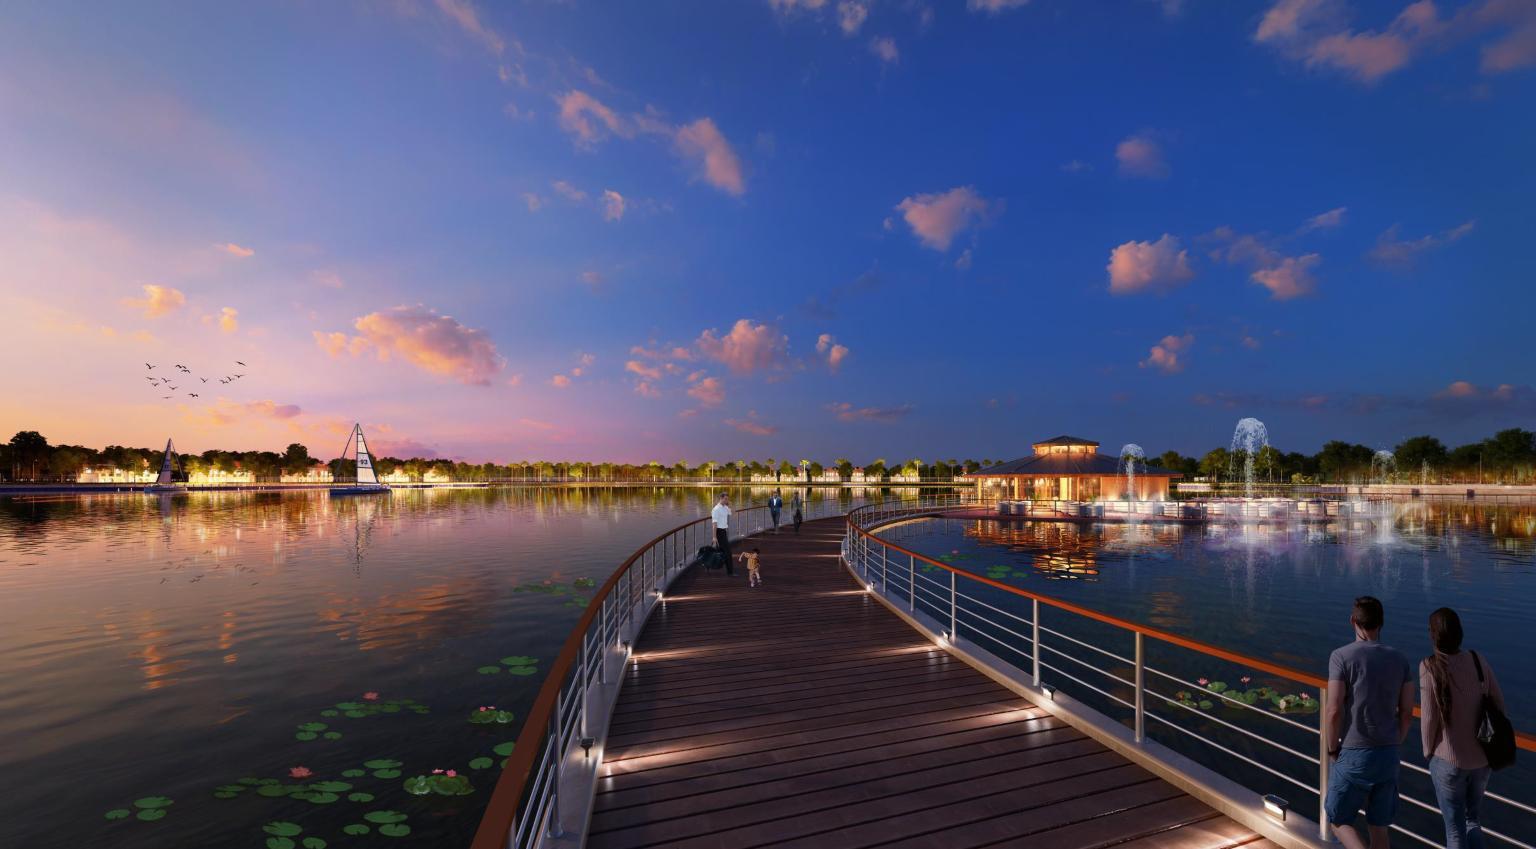 Giá bán hợp lý, chính sách bán hàng hấp dẫn biệt thự ven hồ Vinhomes Riverside – The Harmony